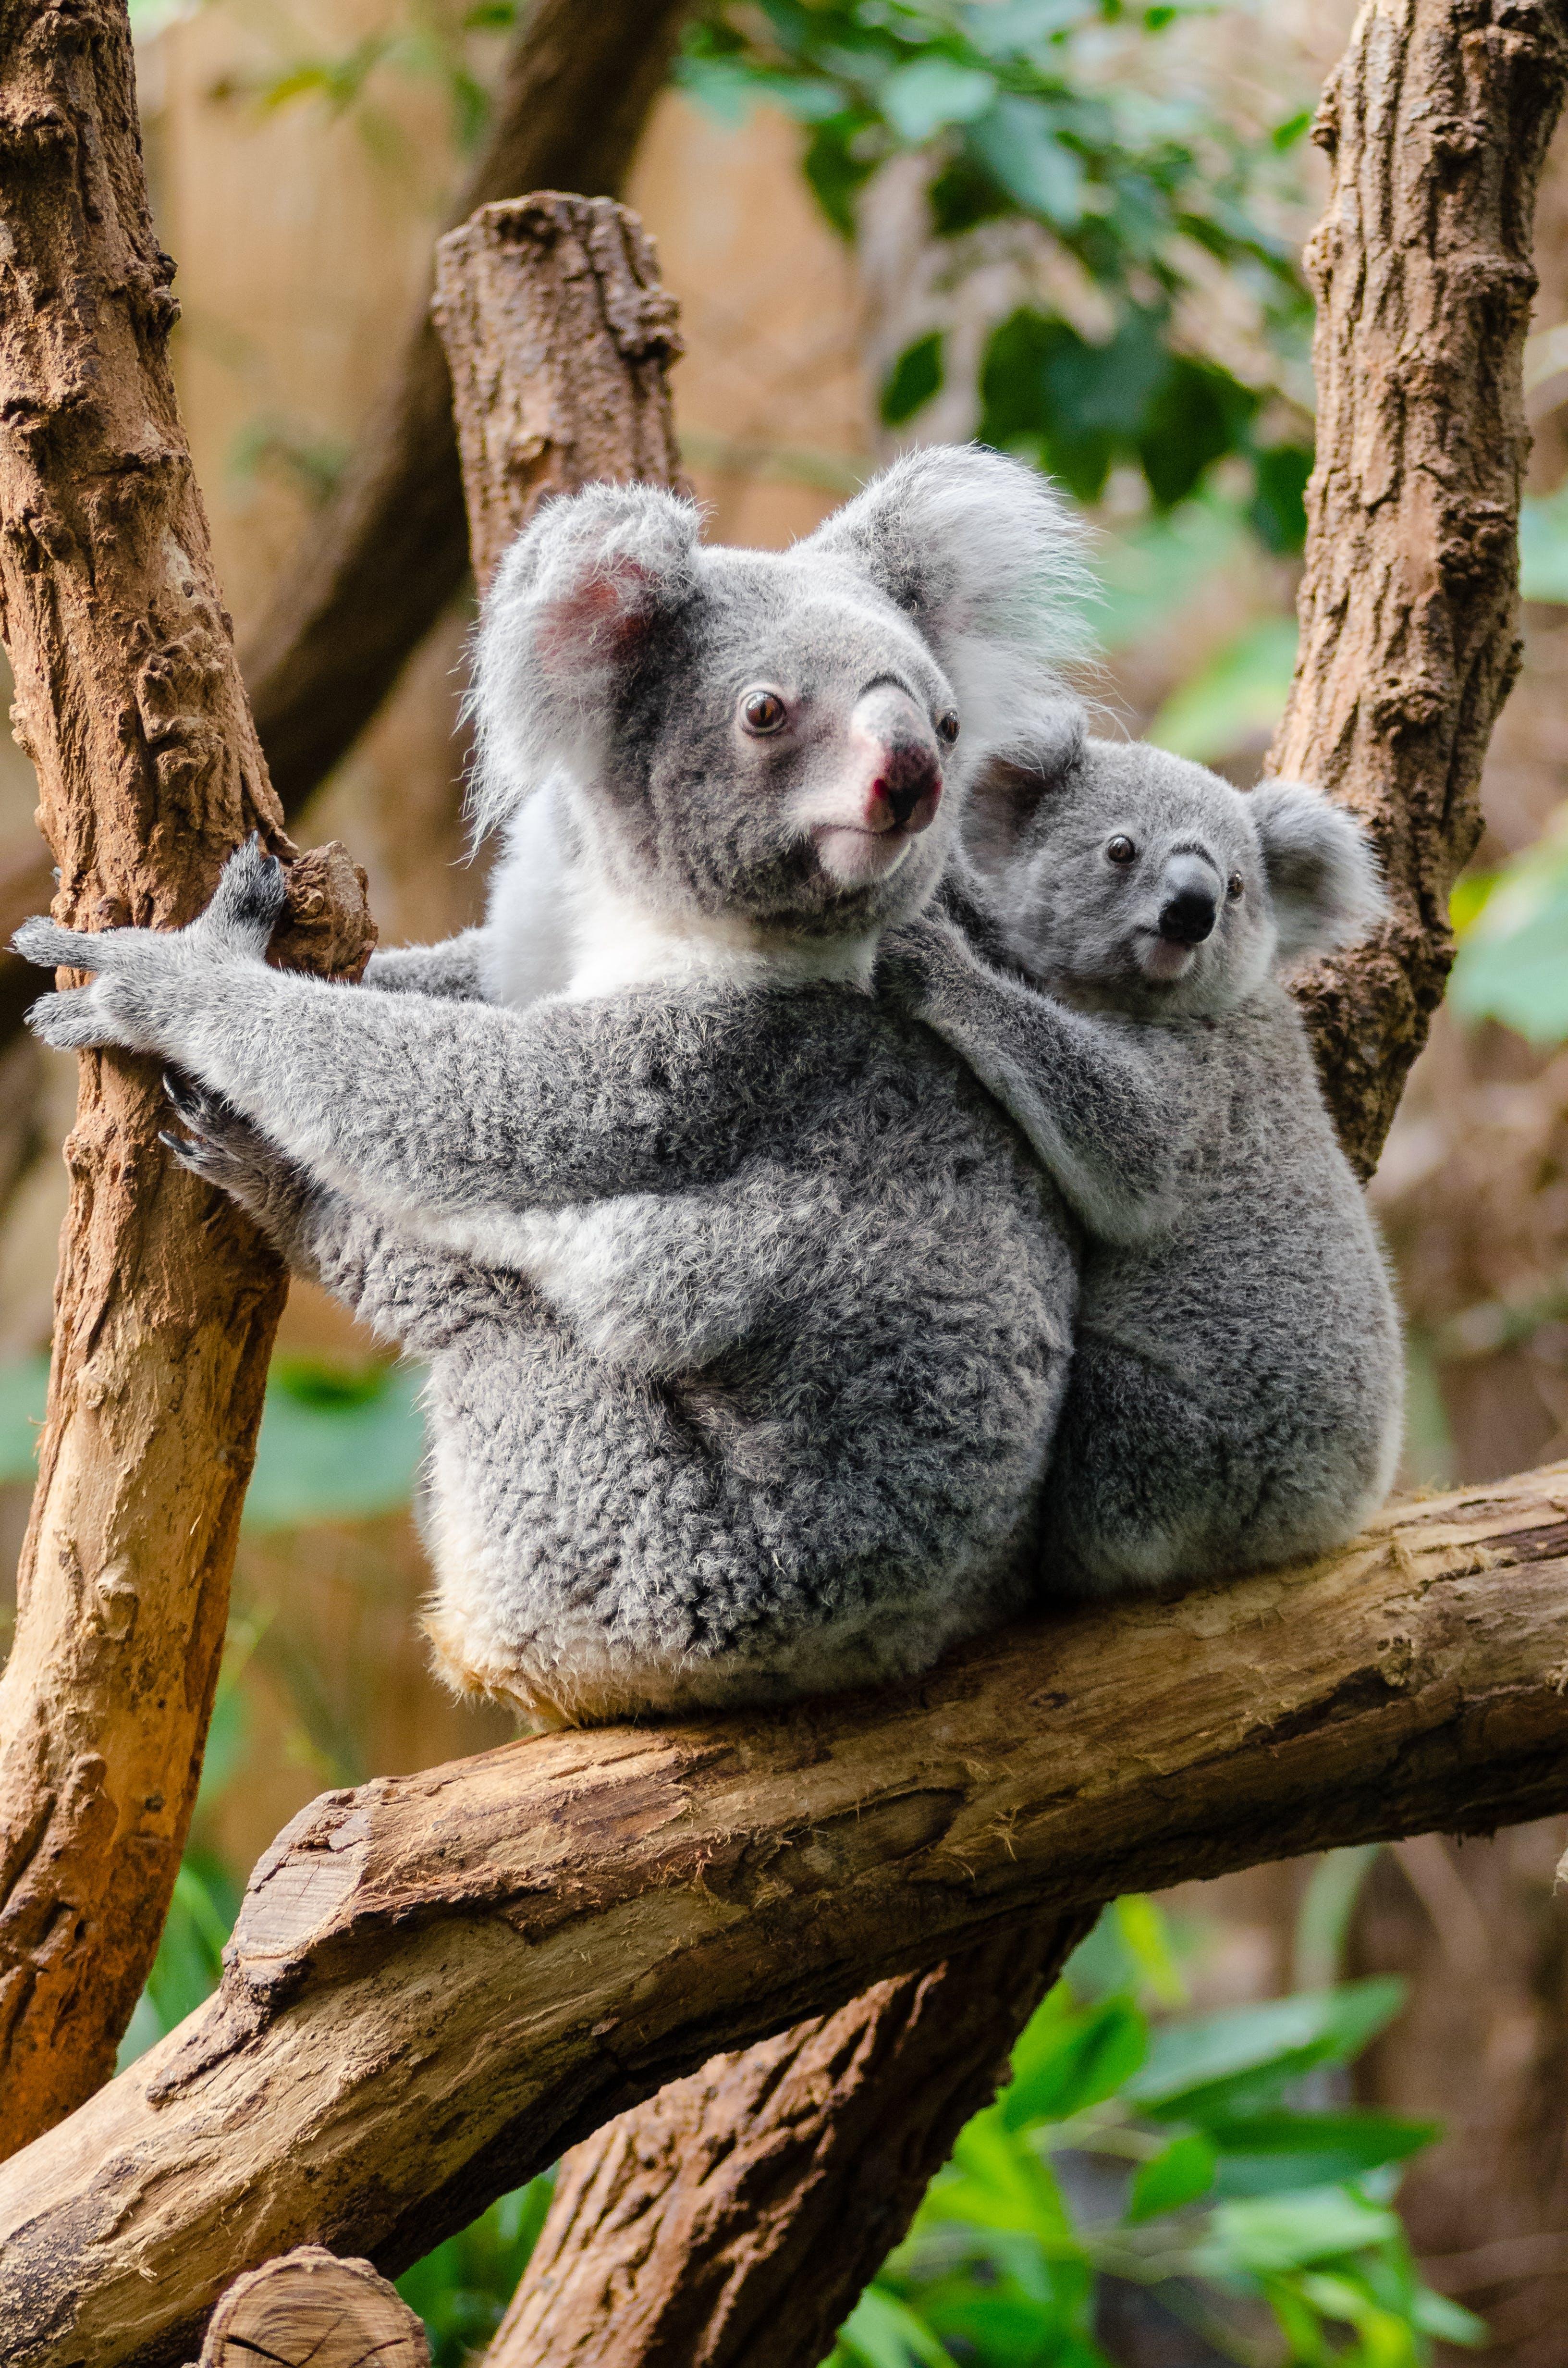 Gratis stockfoto met beesten, boom, dieren in het wild, harig